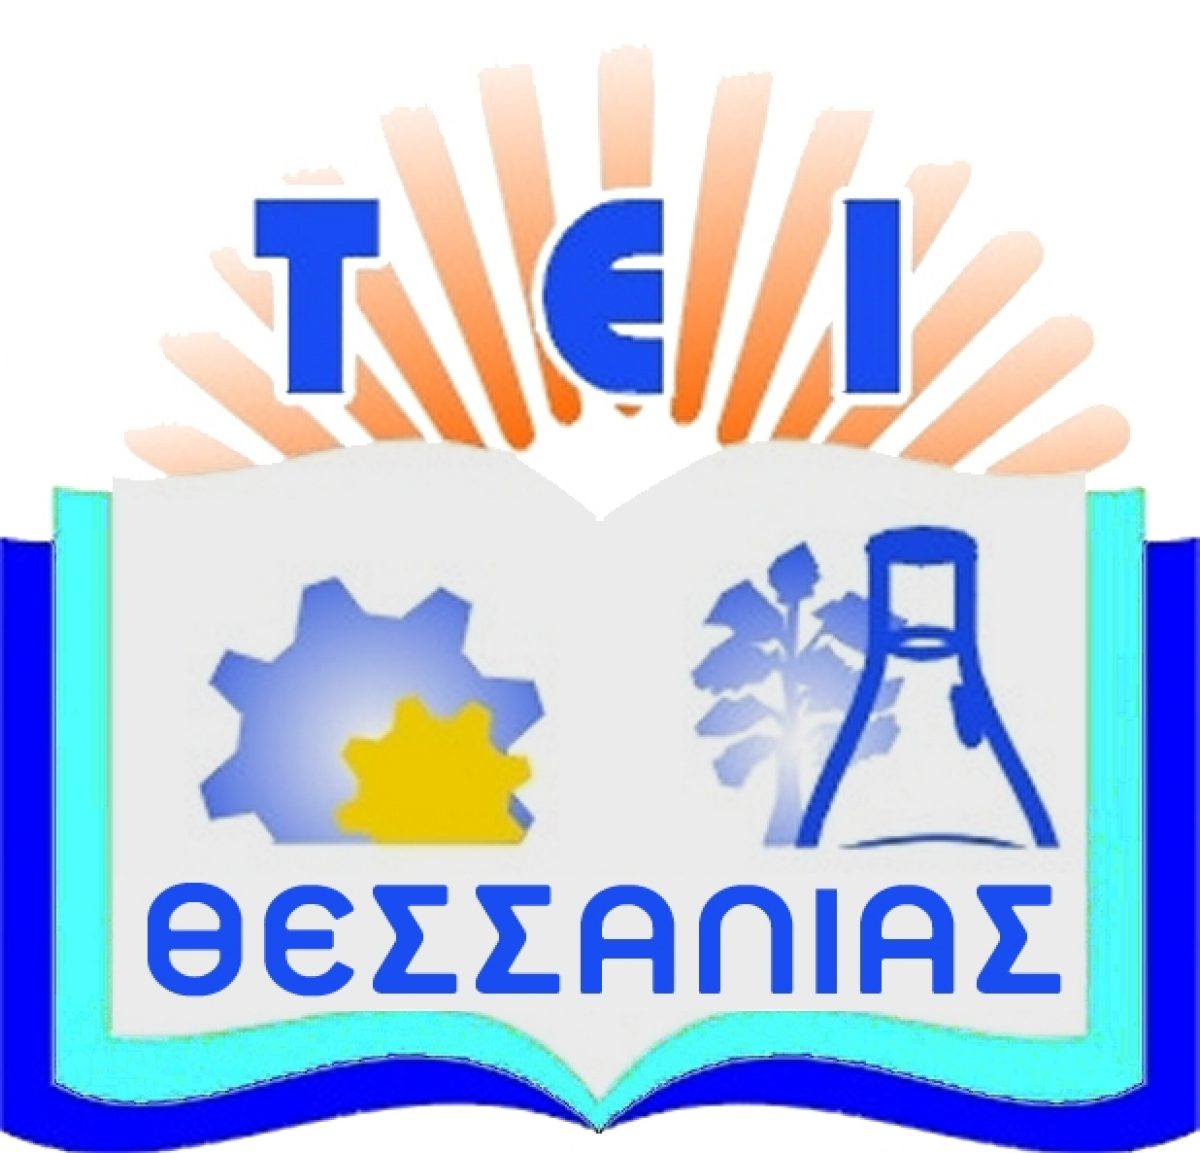 ΠΕΓΑ ΤΕΙ Θεσσαλίας – Τμήμα Σχεδιασμού & Τεχνολογίας Ξύλου & Επίπλου, Πρόγραμμα Επικαιροποίησης Γνώσεων Αποφοίτων (ΠΕΓΑ)